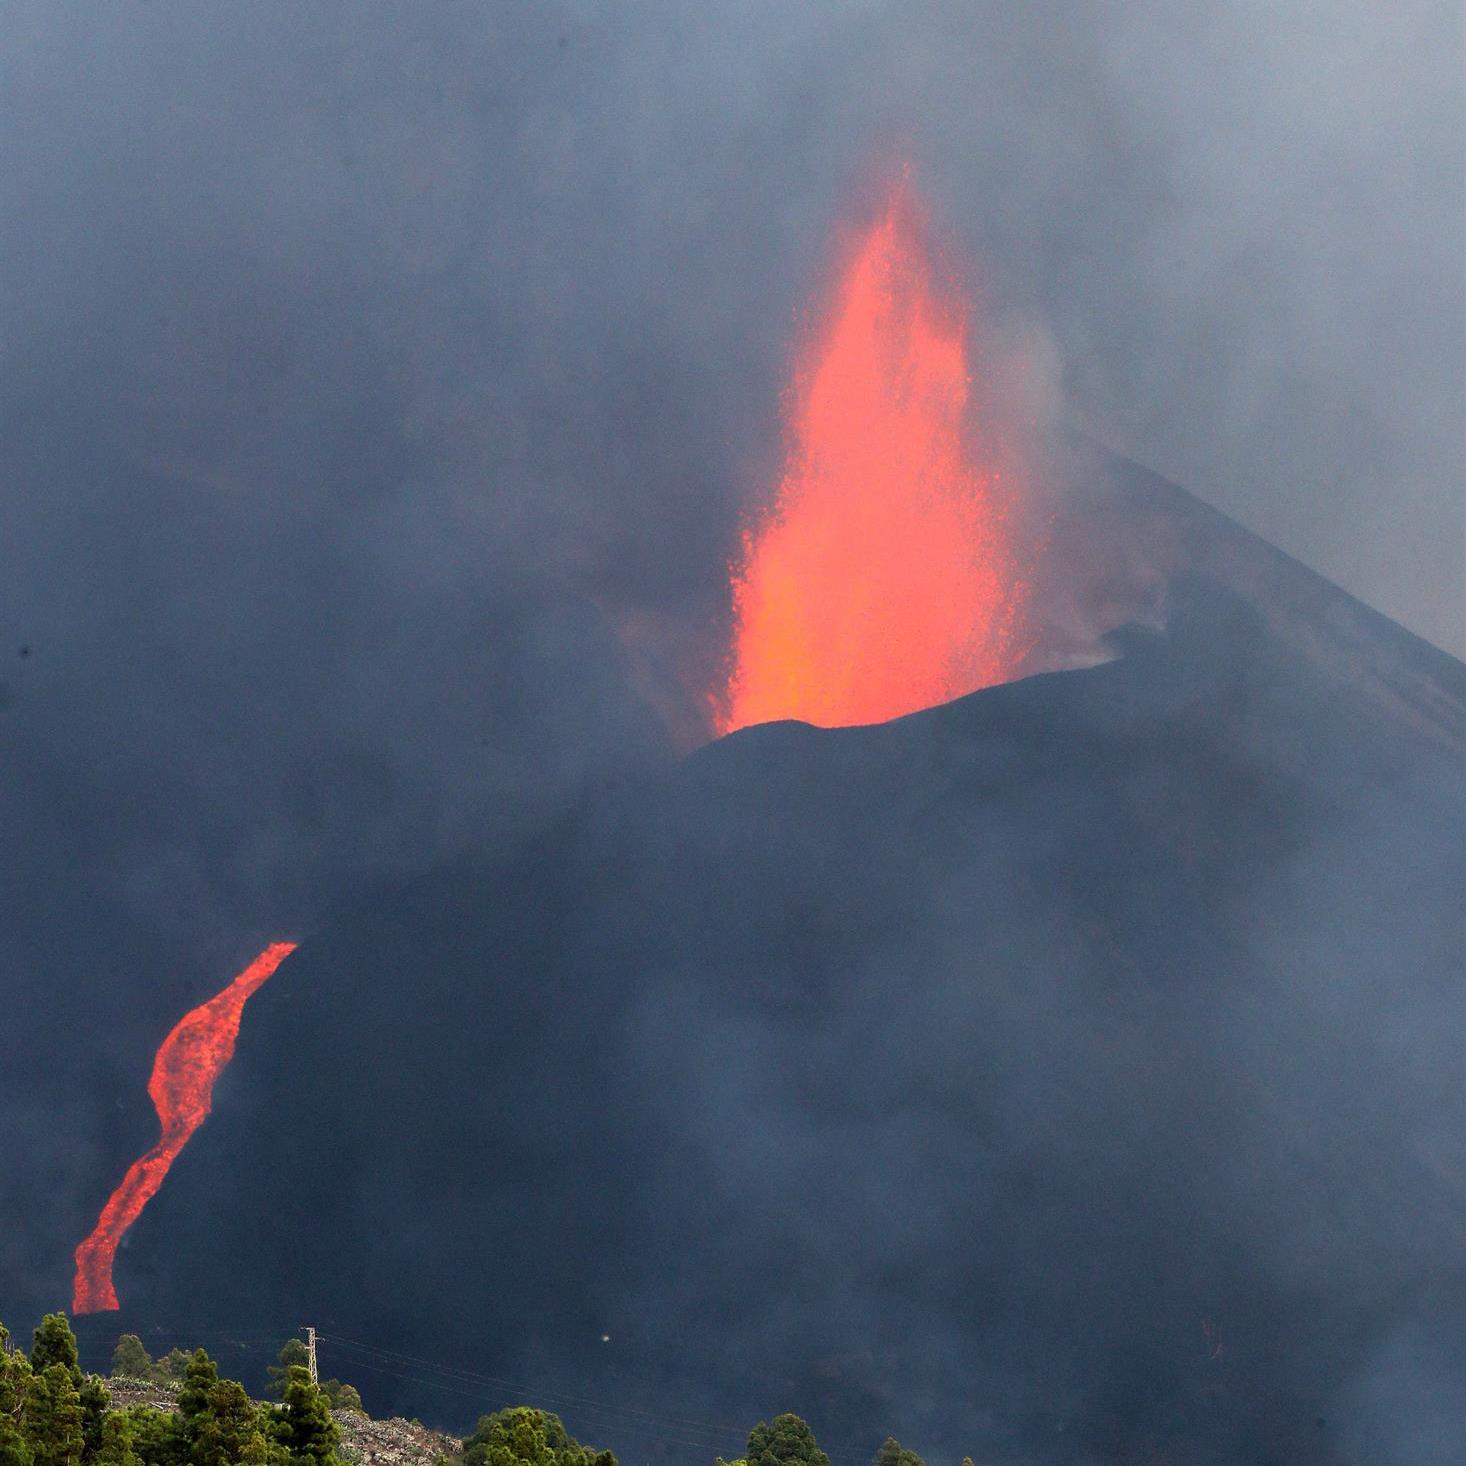 Erupción del volcán de La Palma y descenso de una colada de lava por la montaña.